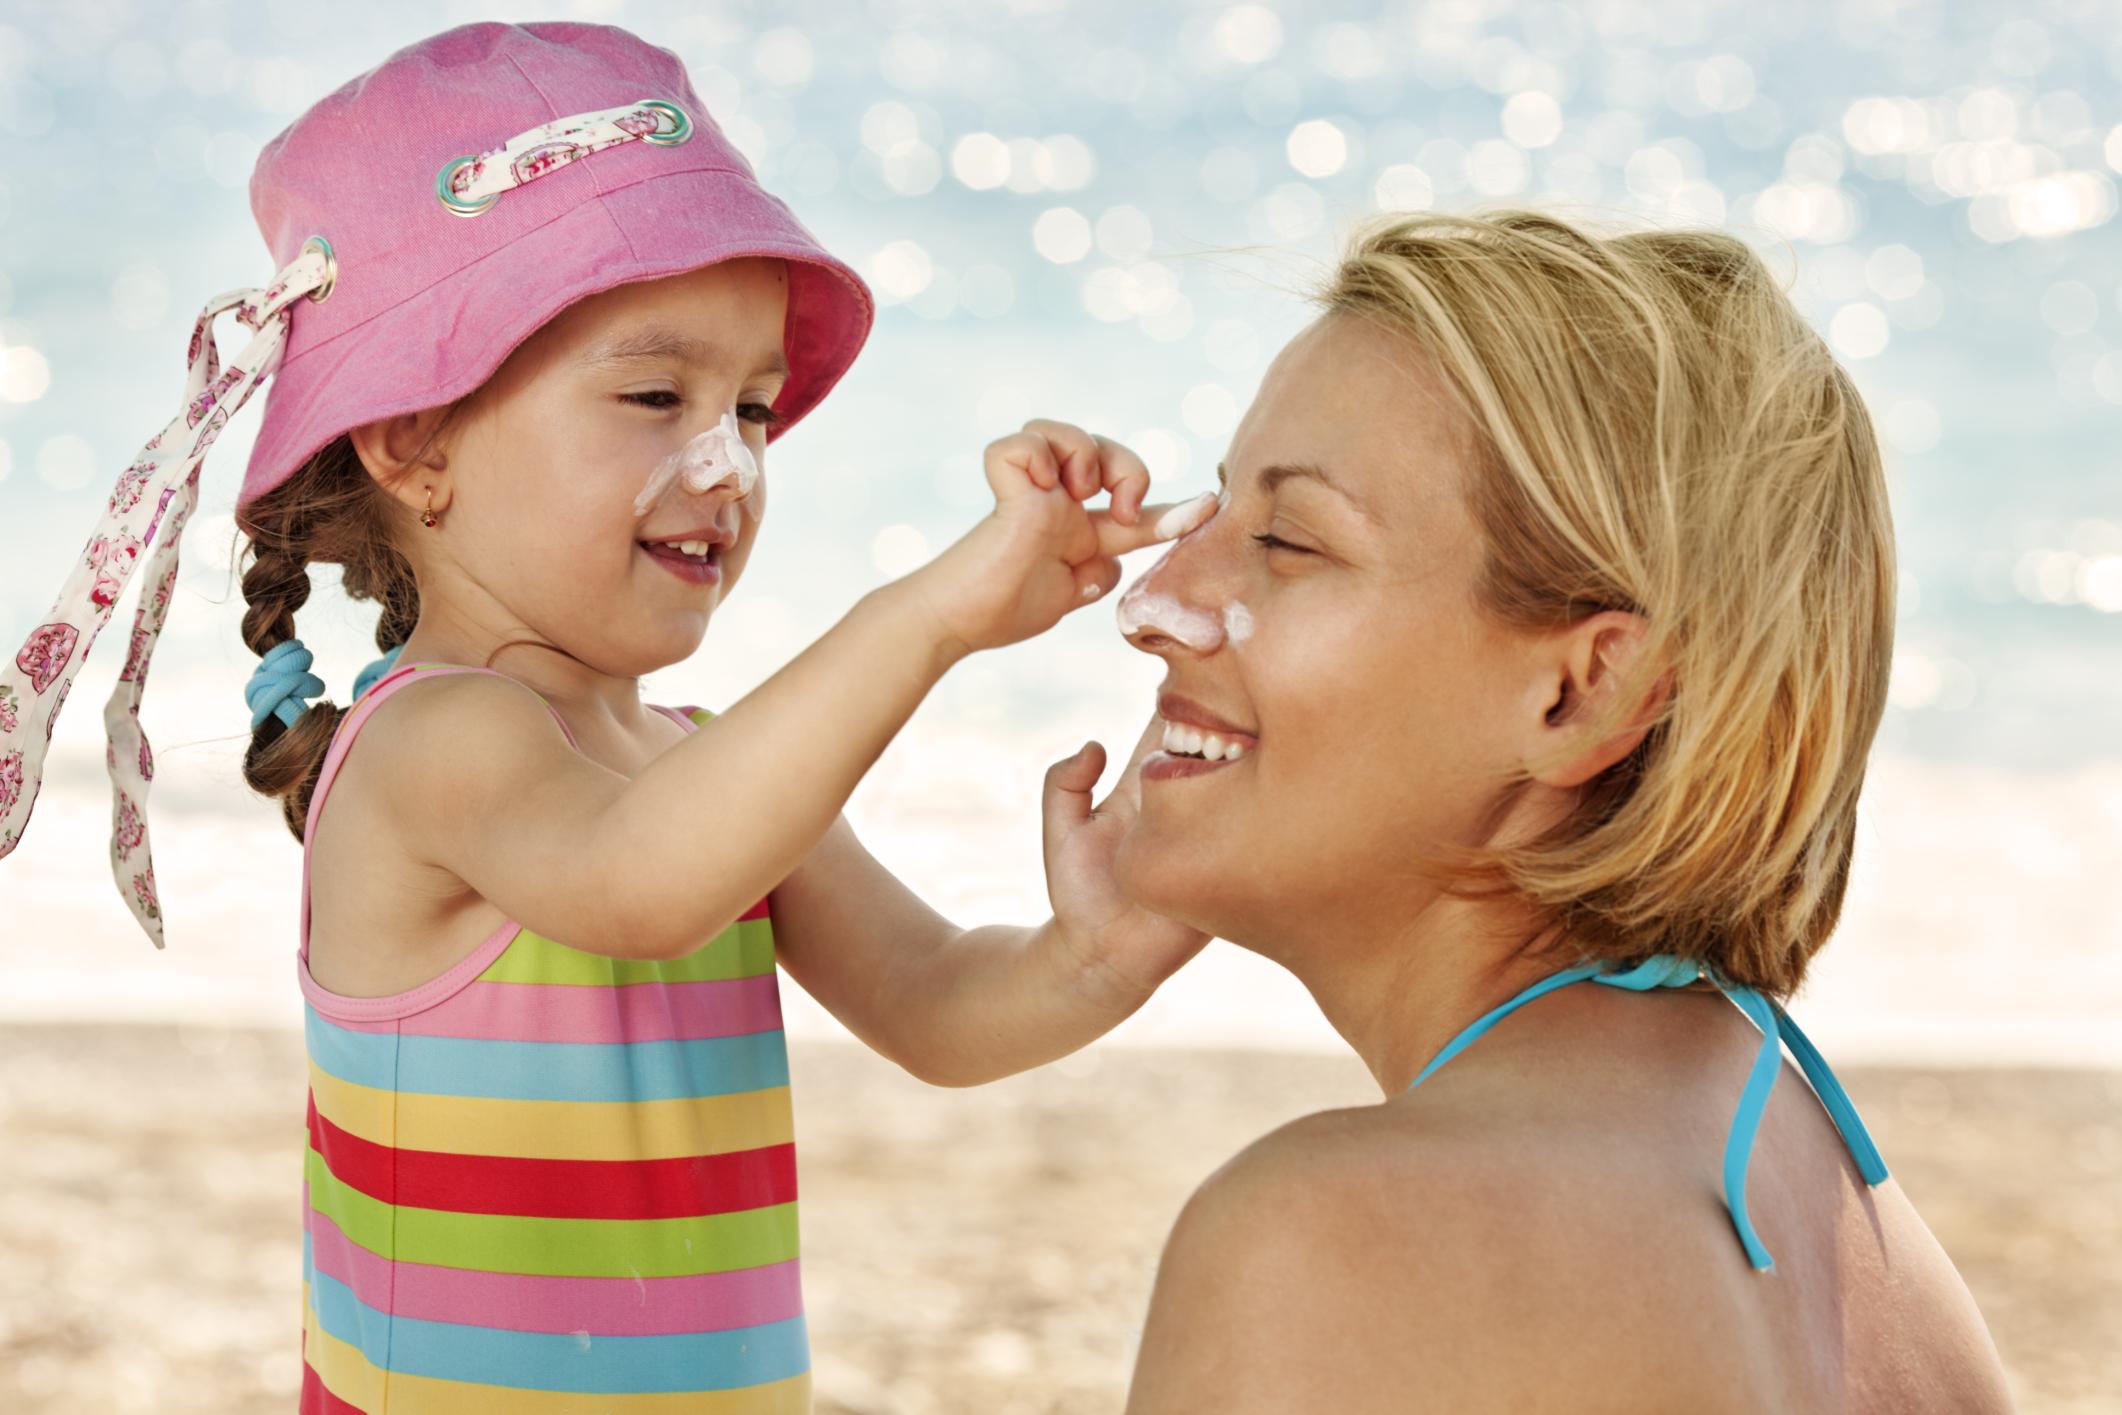 suncream sachets keep everyone safe on their holidays